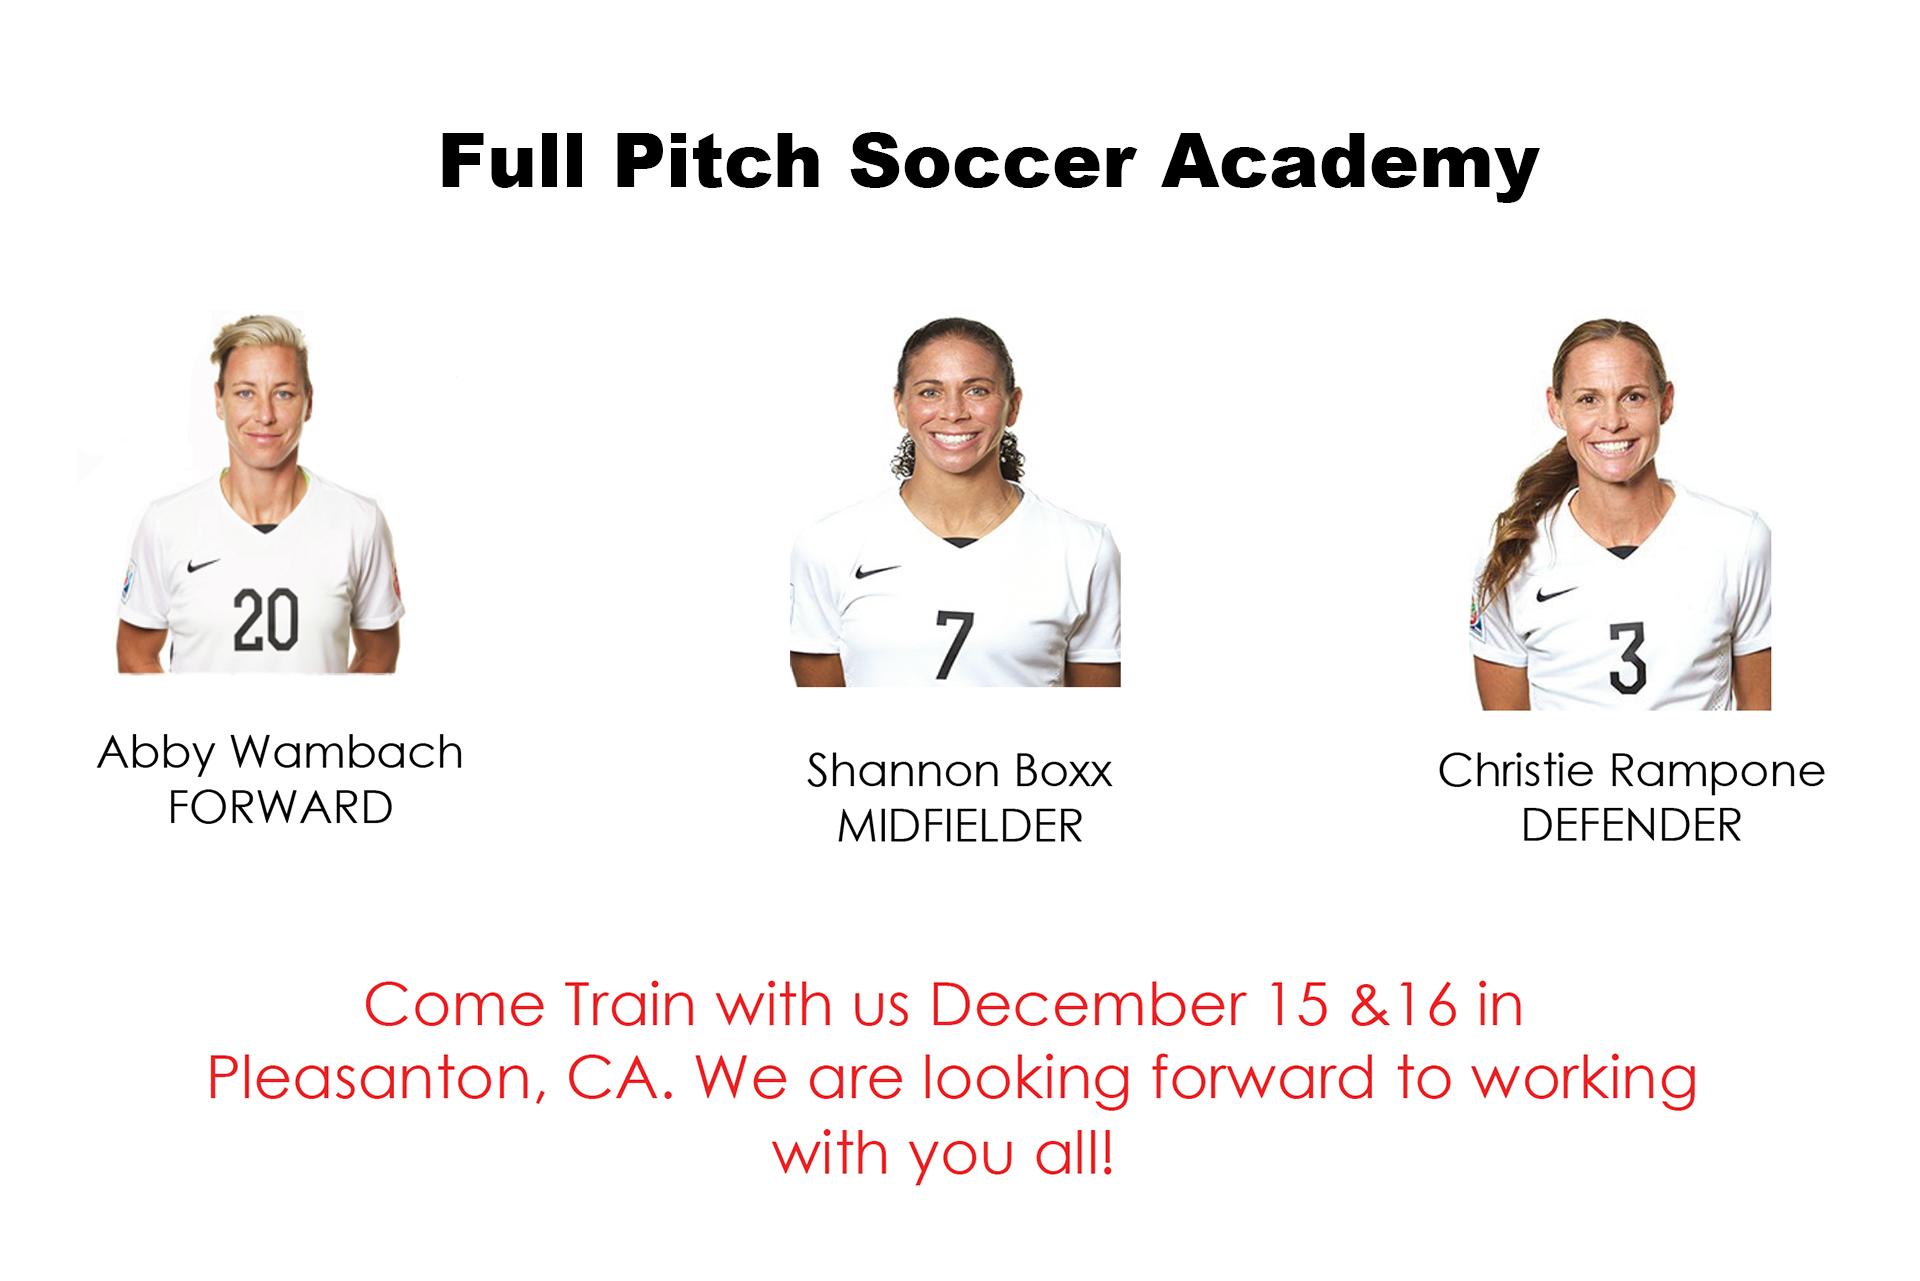 FP Soccer Academy